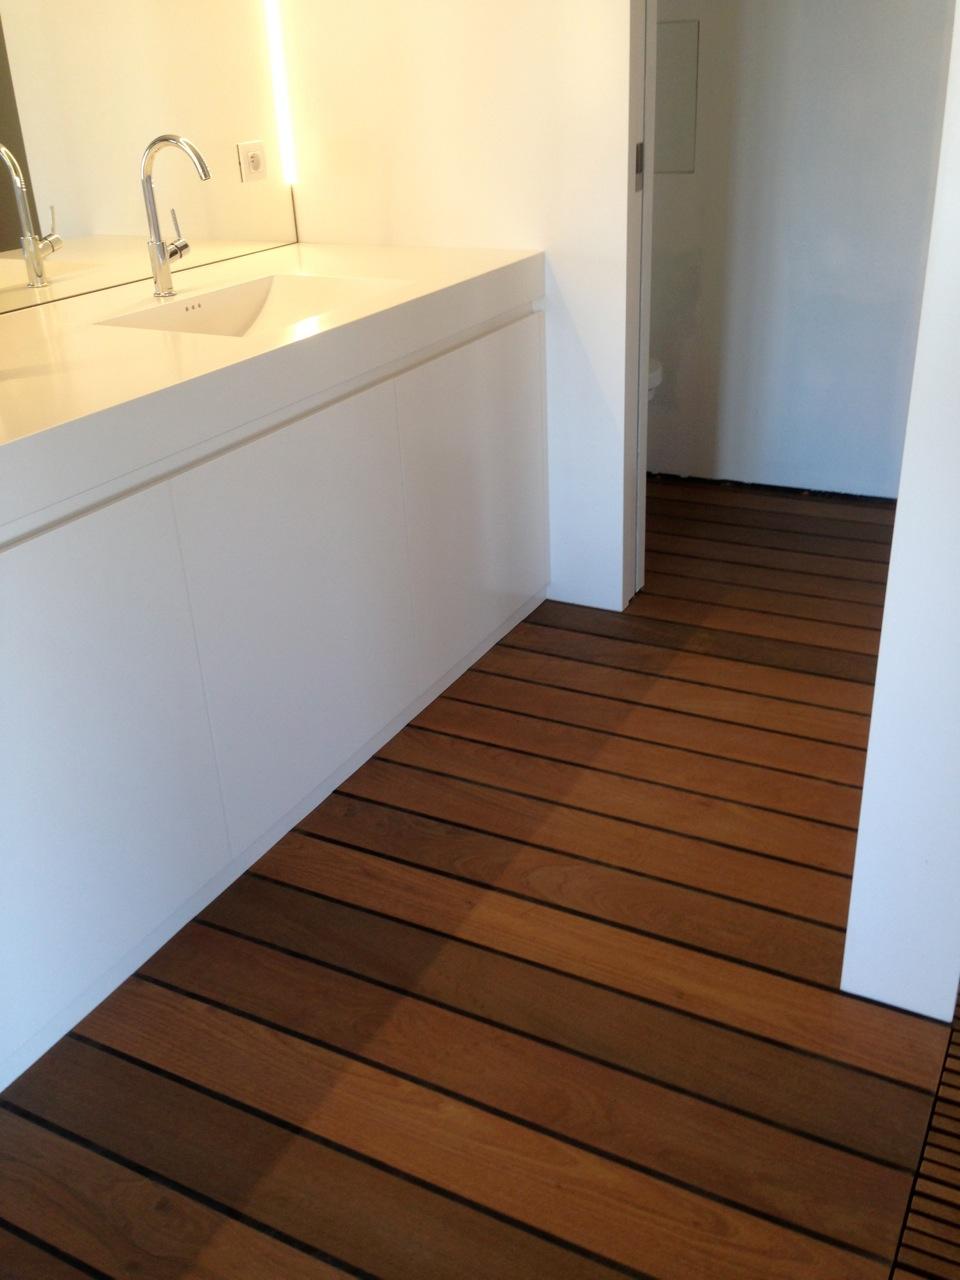 Badkamer bouwen op houten vloer badkamer ontwerp idee n voor uw huis samen met - Badkamer houten vloer ...